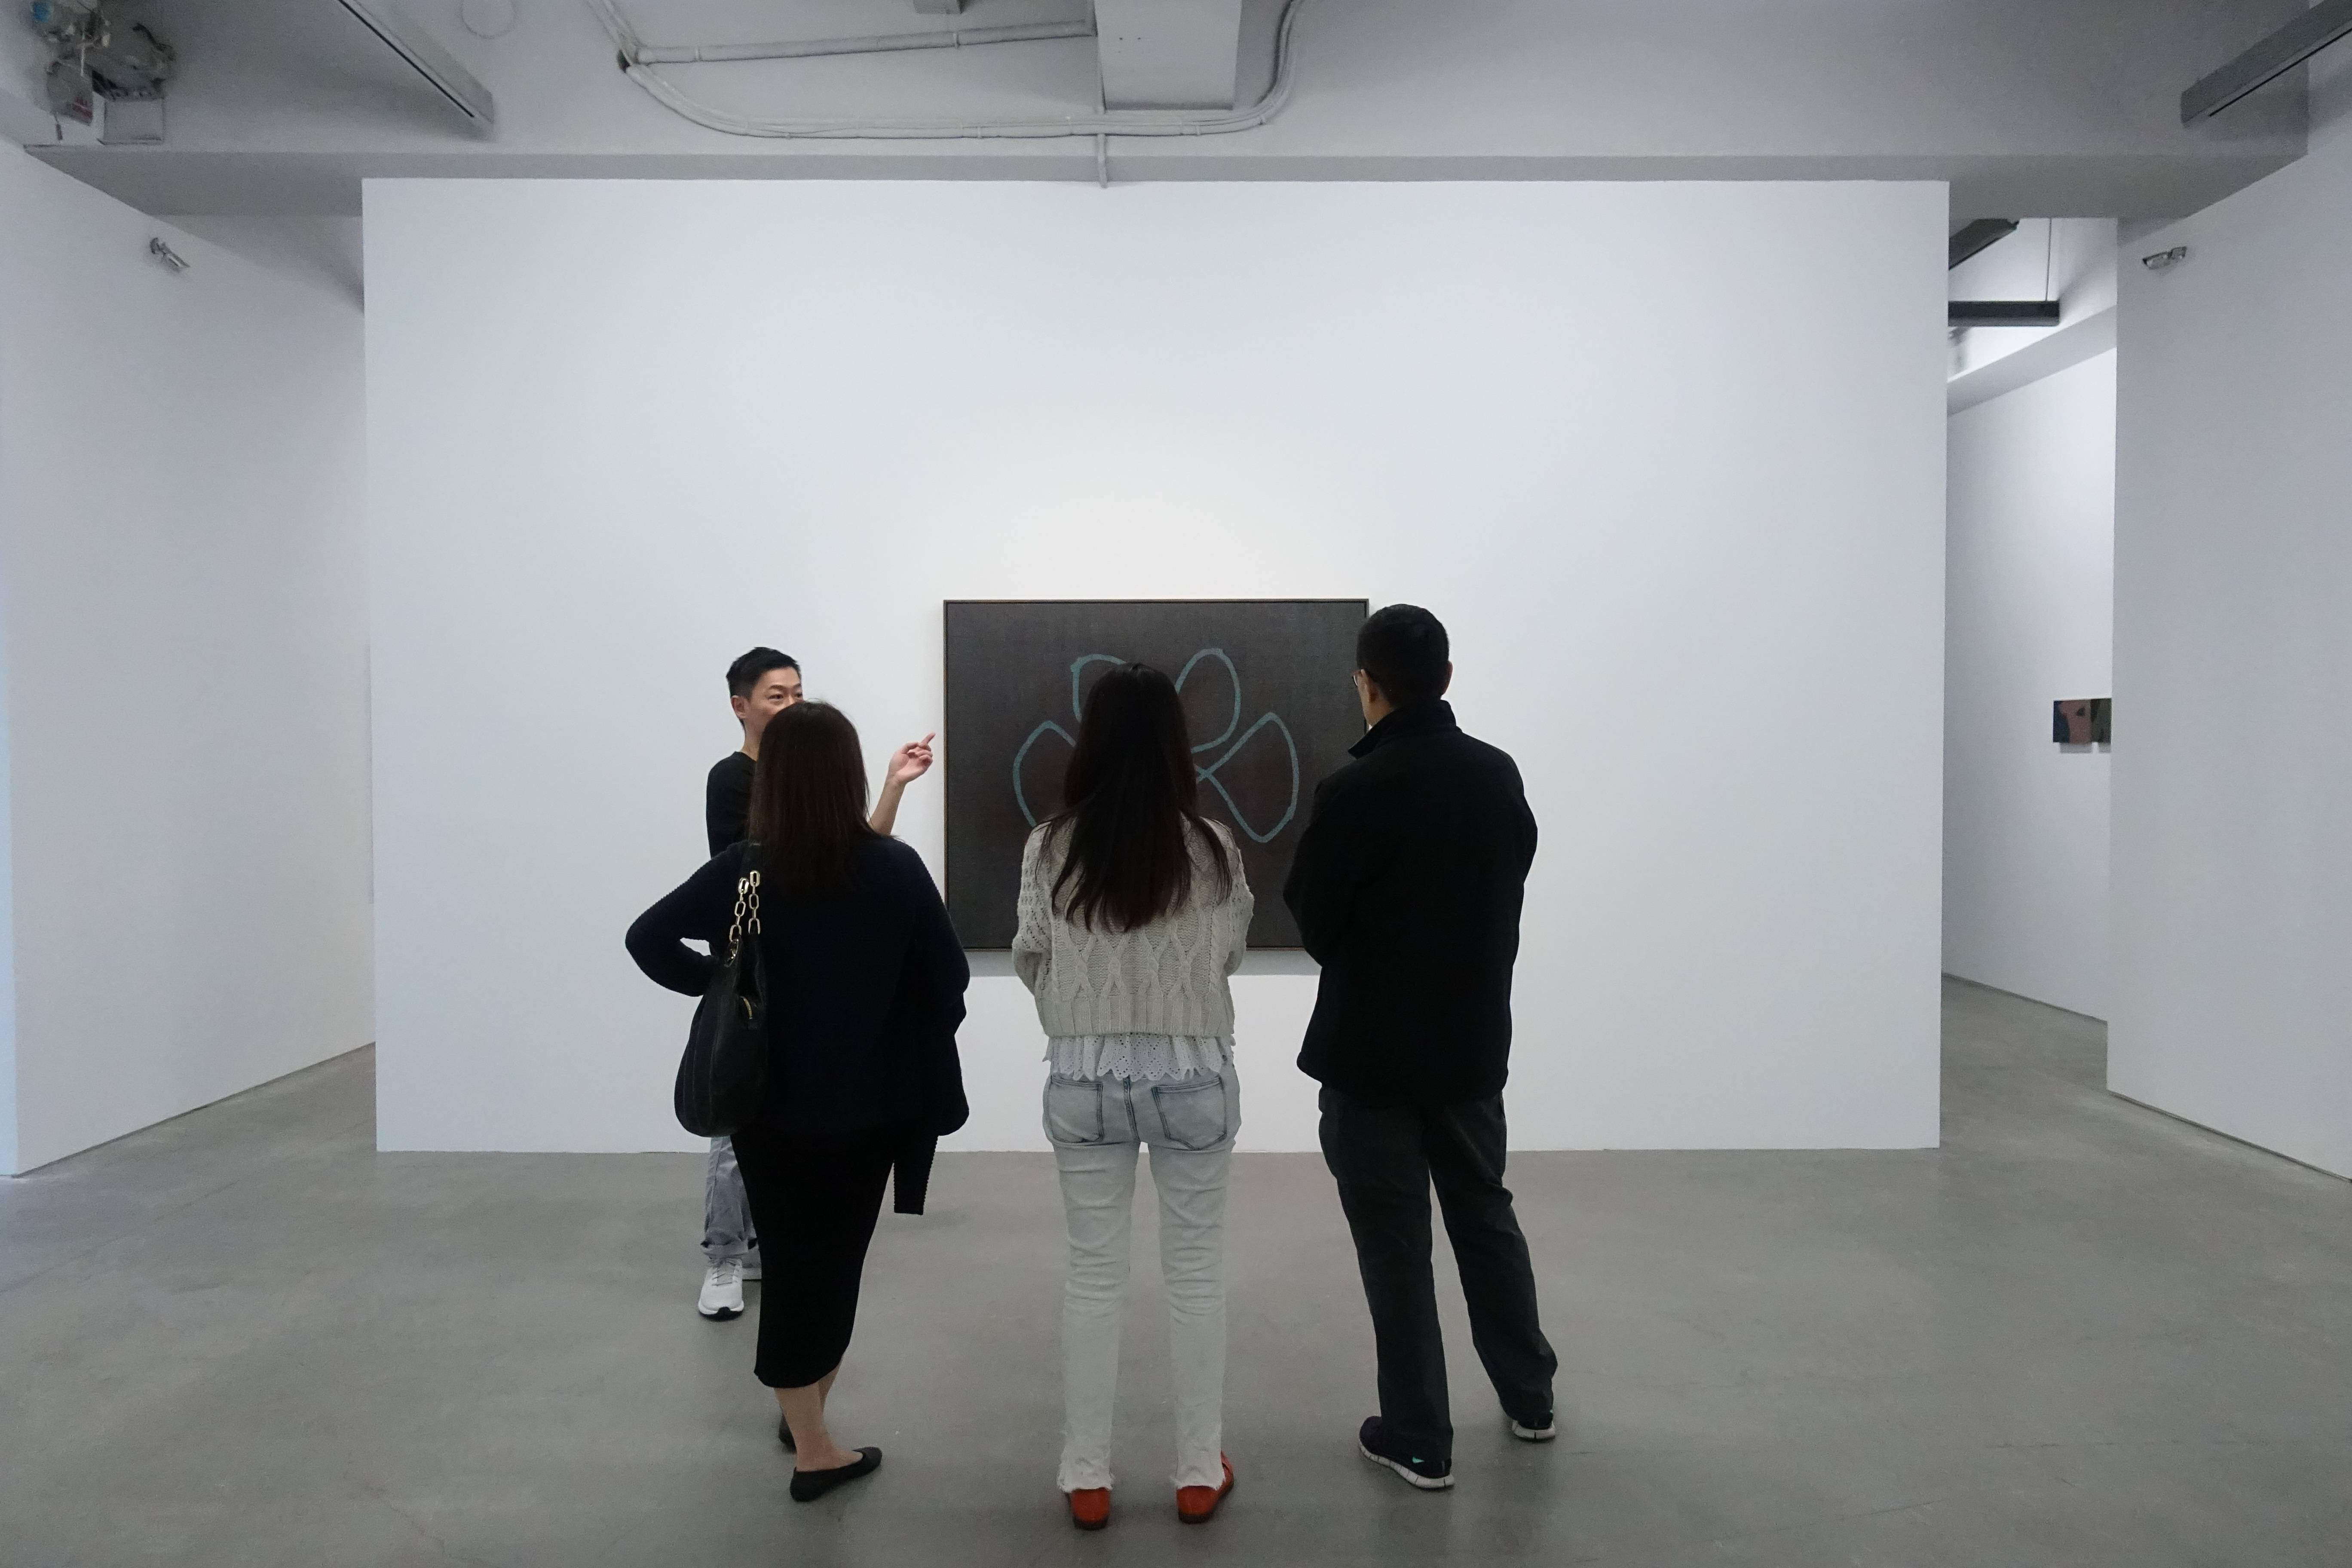 藝術家吳東龍現場導覽賞析作品。